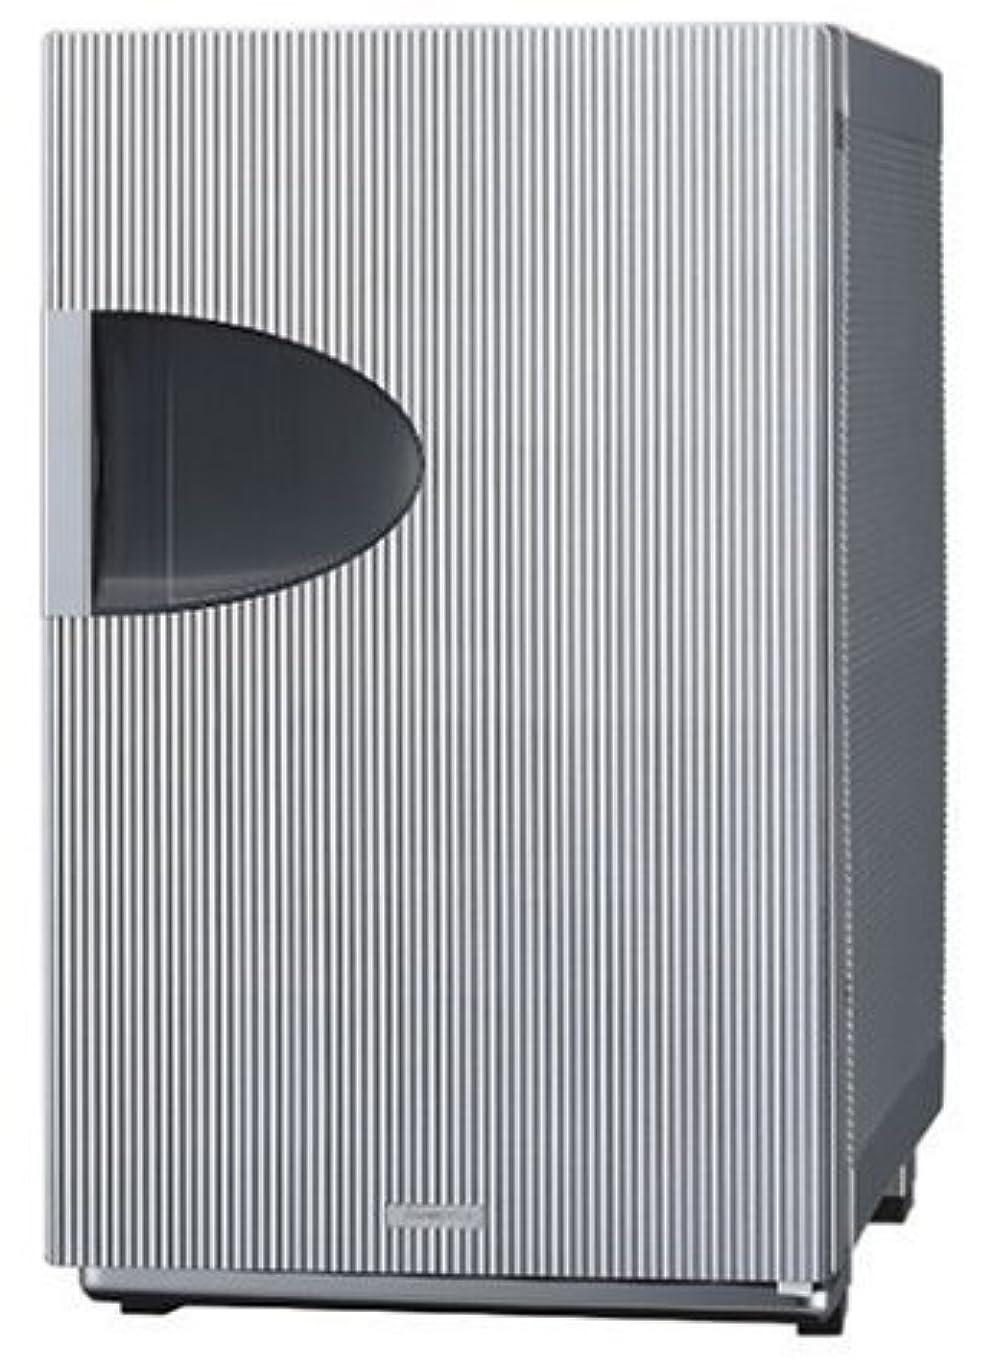 不適ヨーグルト投獄sistema Microwave マイクロウェーブ ラウンド 915 (850ml) 011138